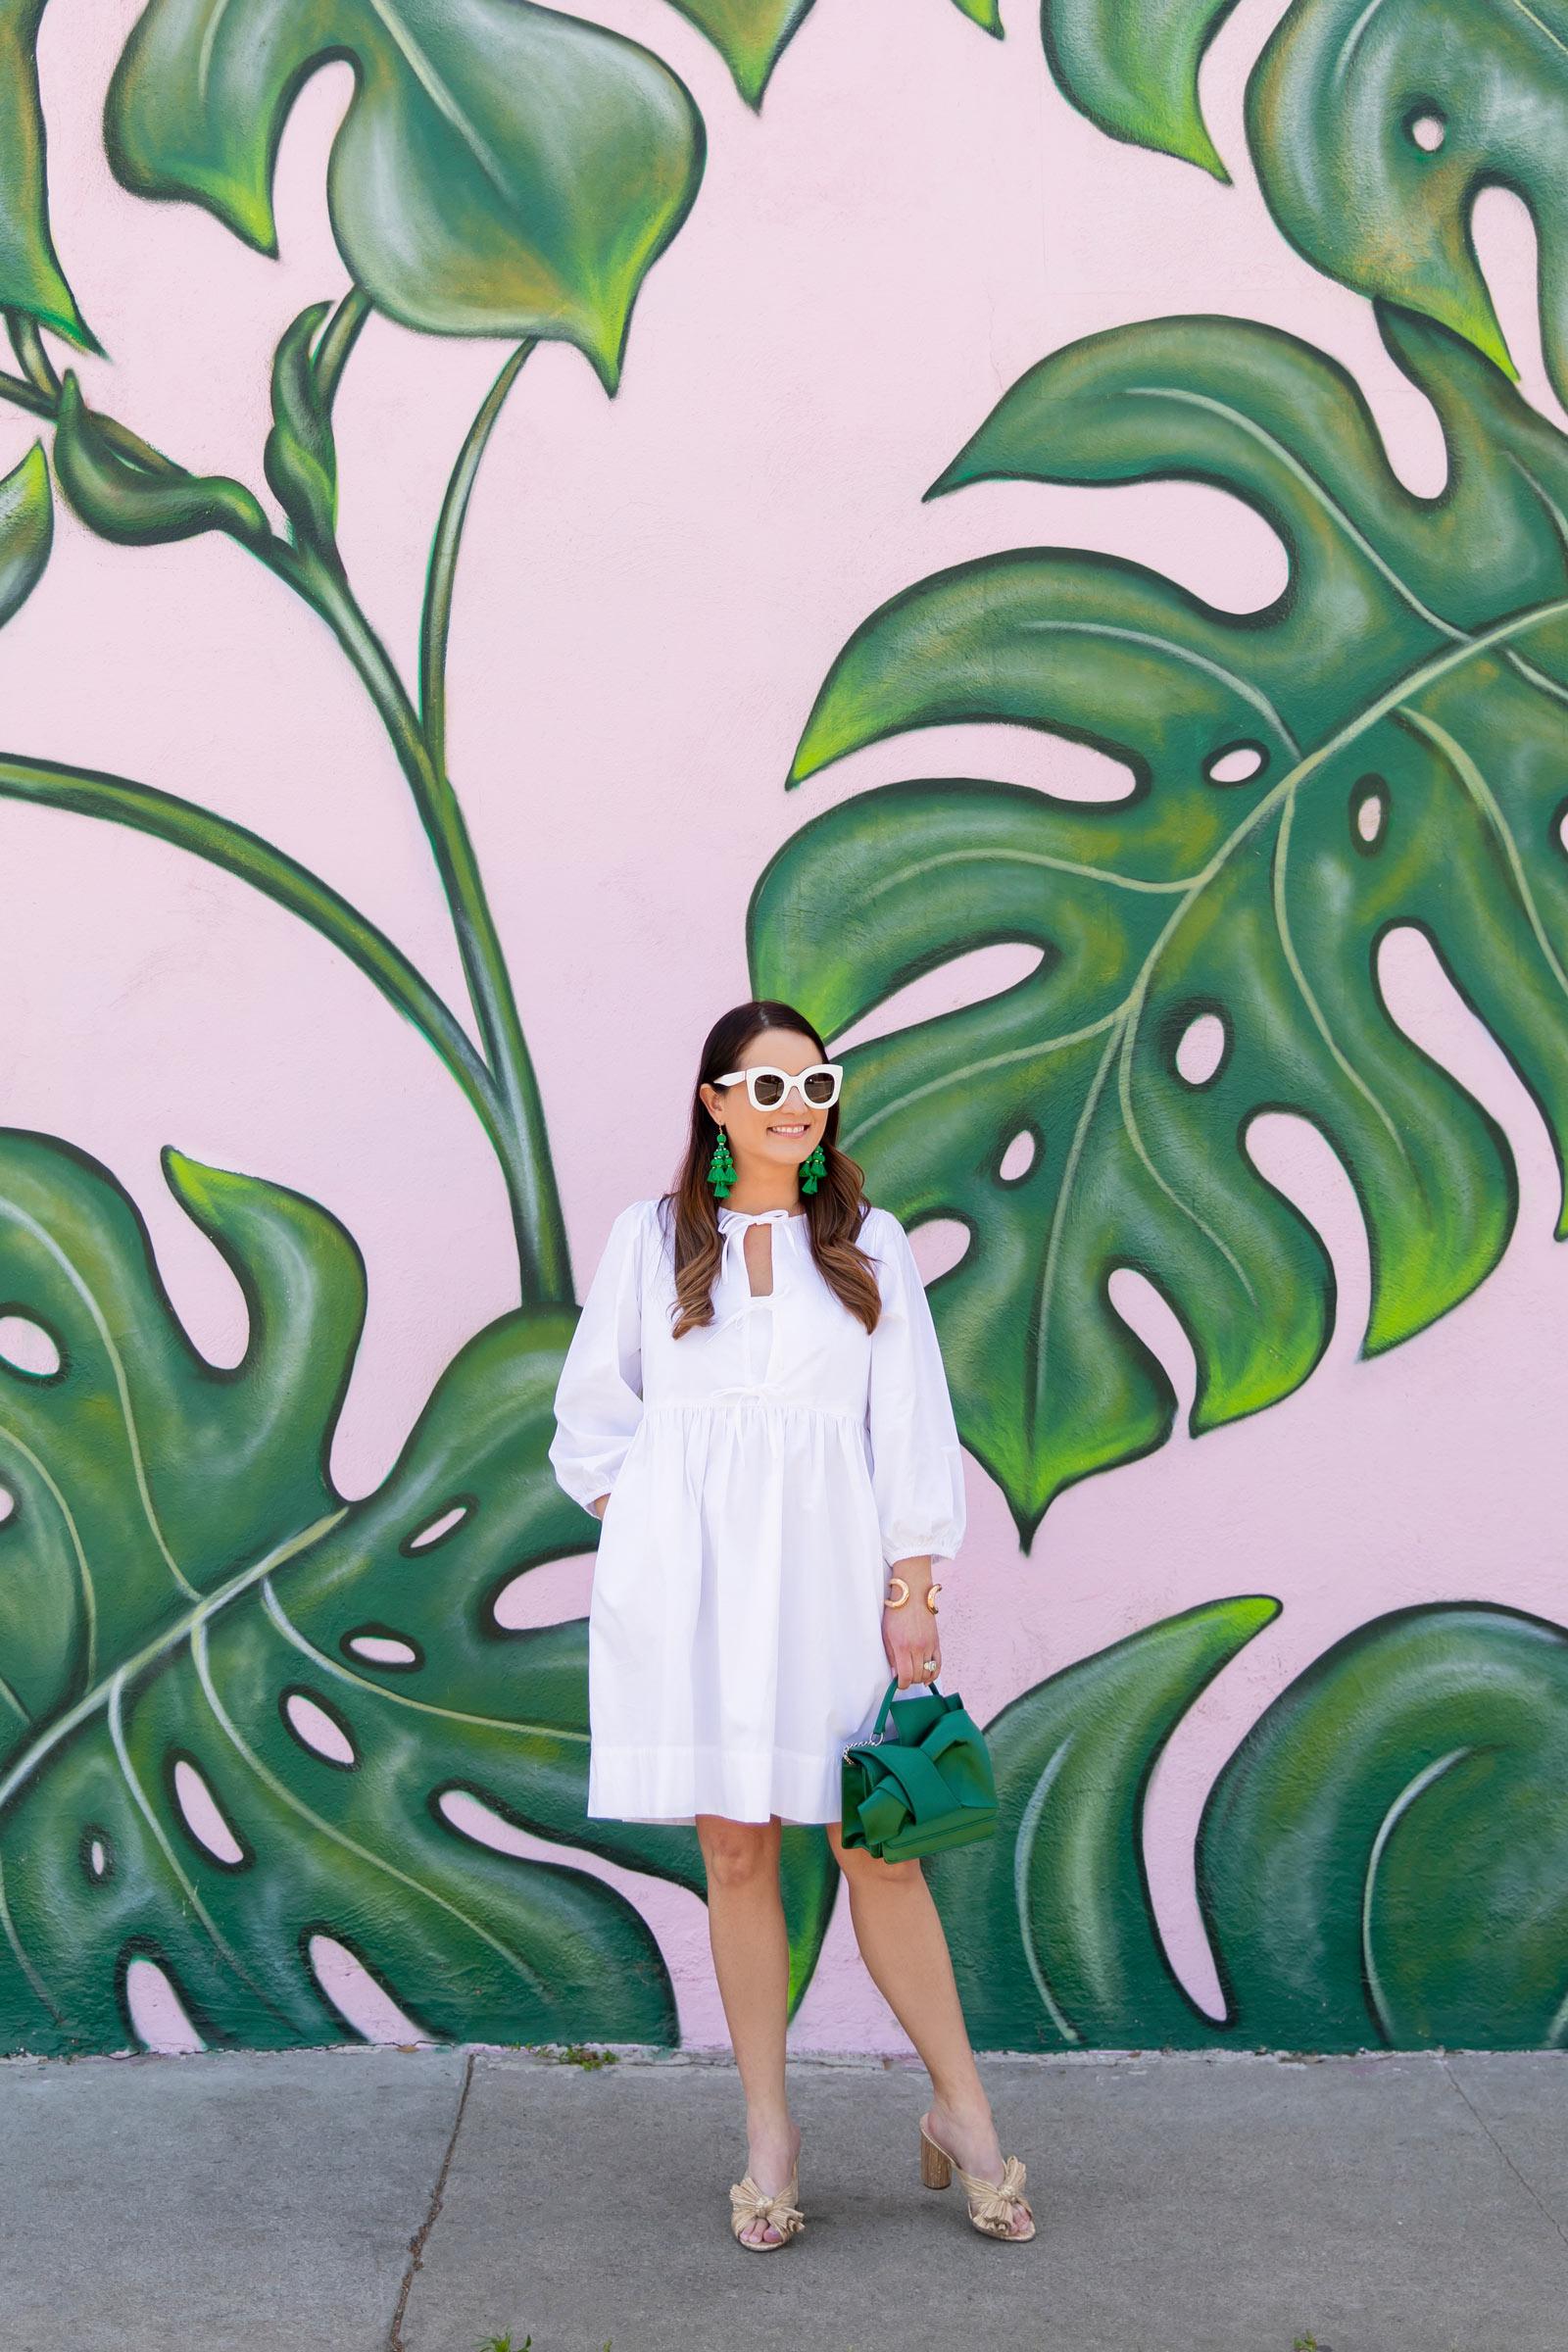 Palm Print Pink Mural Los Angeles